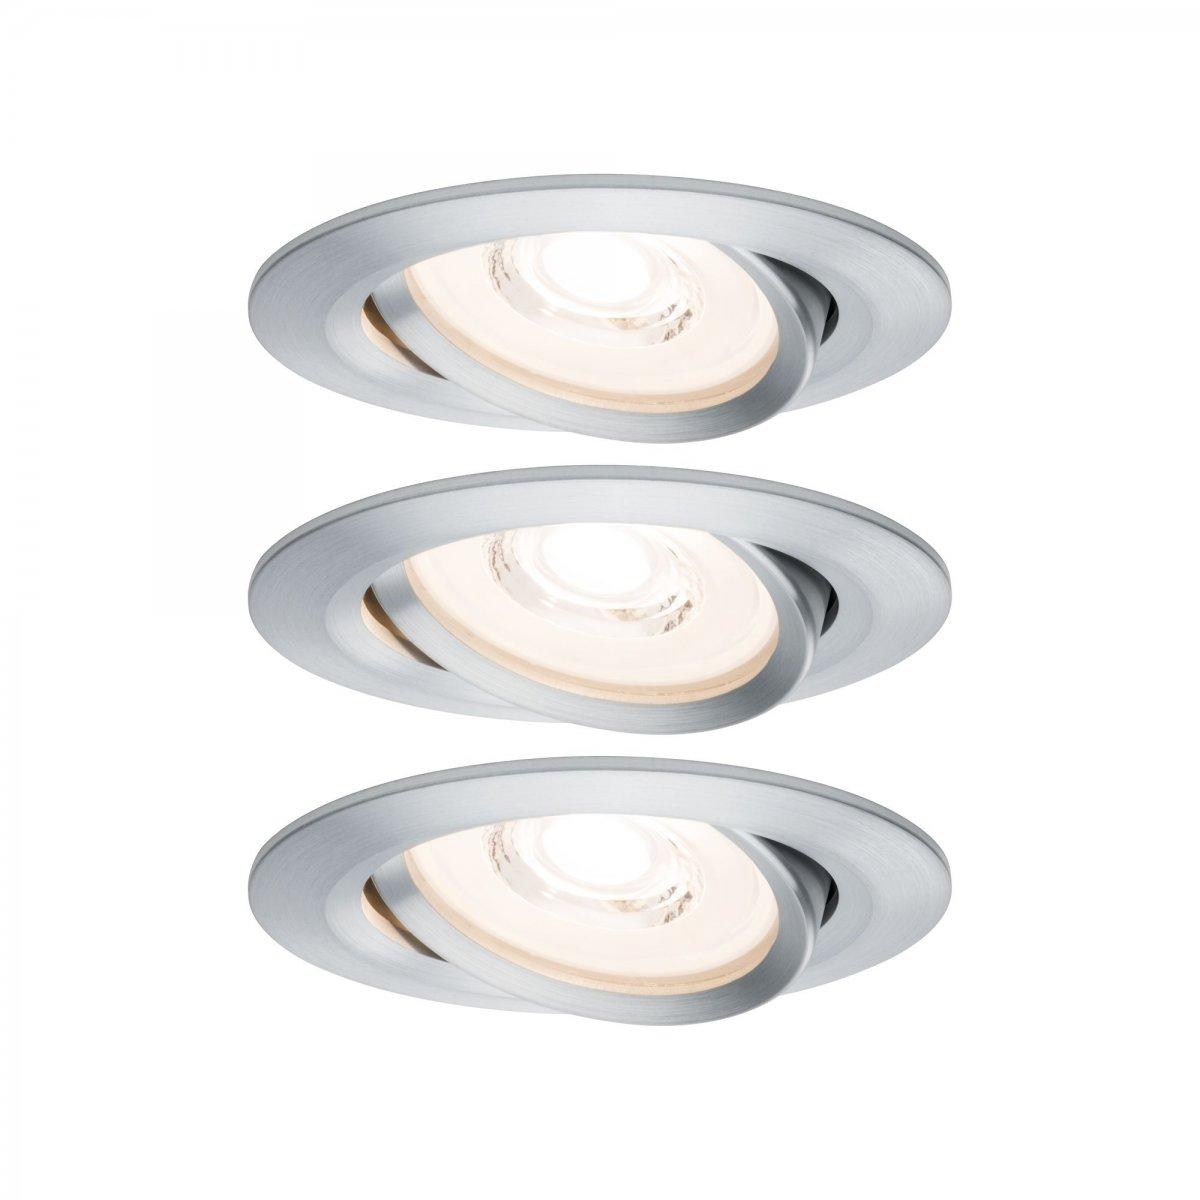 paulmann no 93943 led einbauleuchten set reflector coin dimmbar 6 8w alu gedreht 3er set. Black Bedroom Furniture Sets. Home Design Ideas